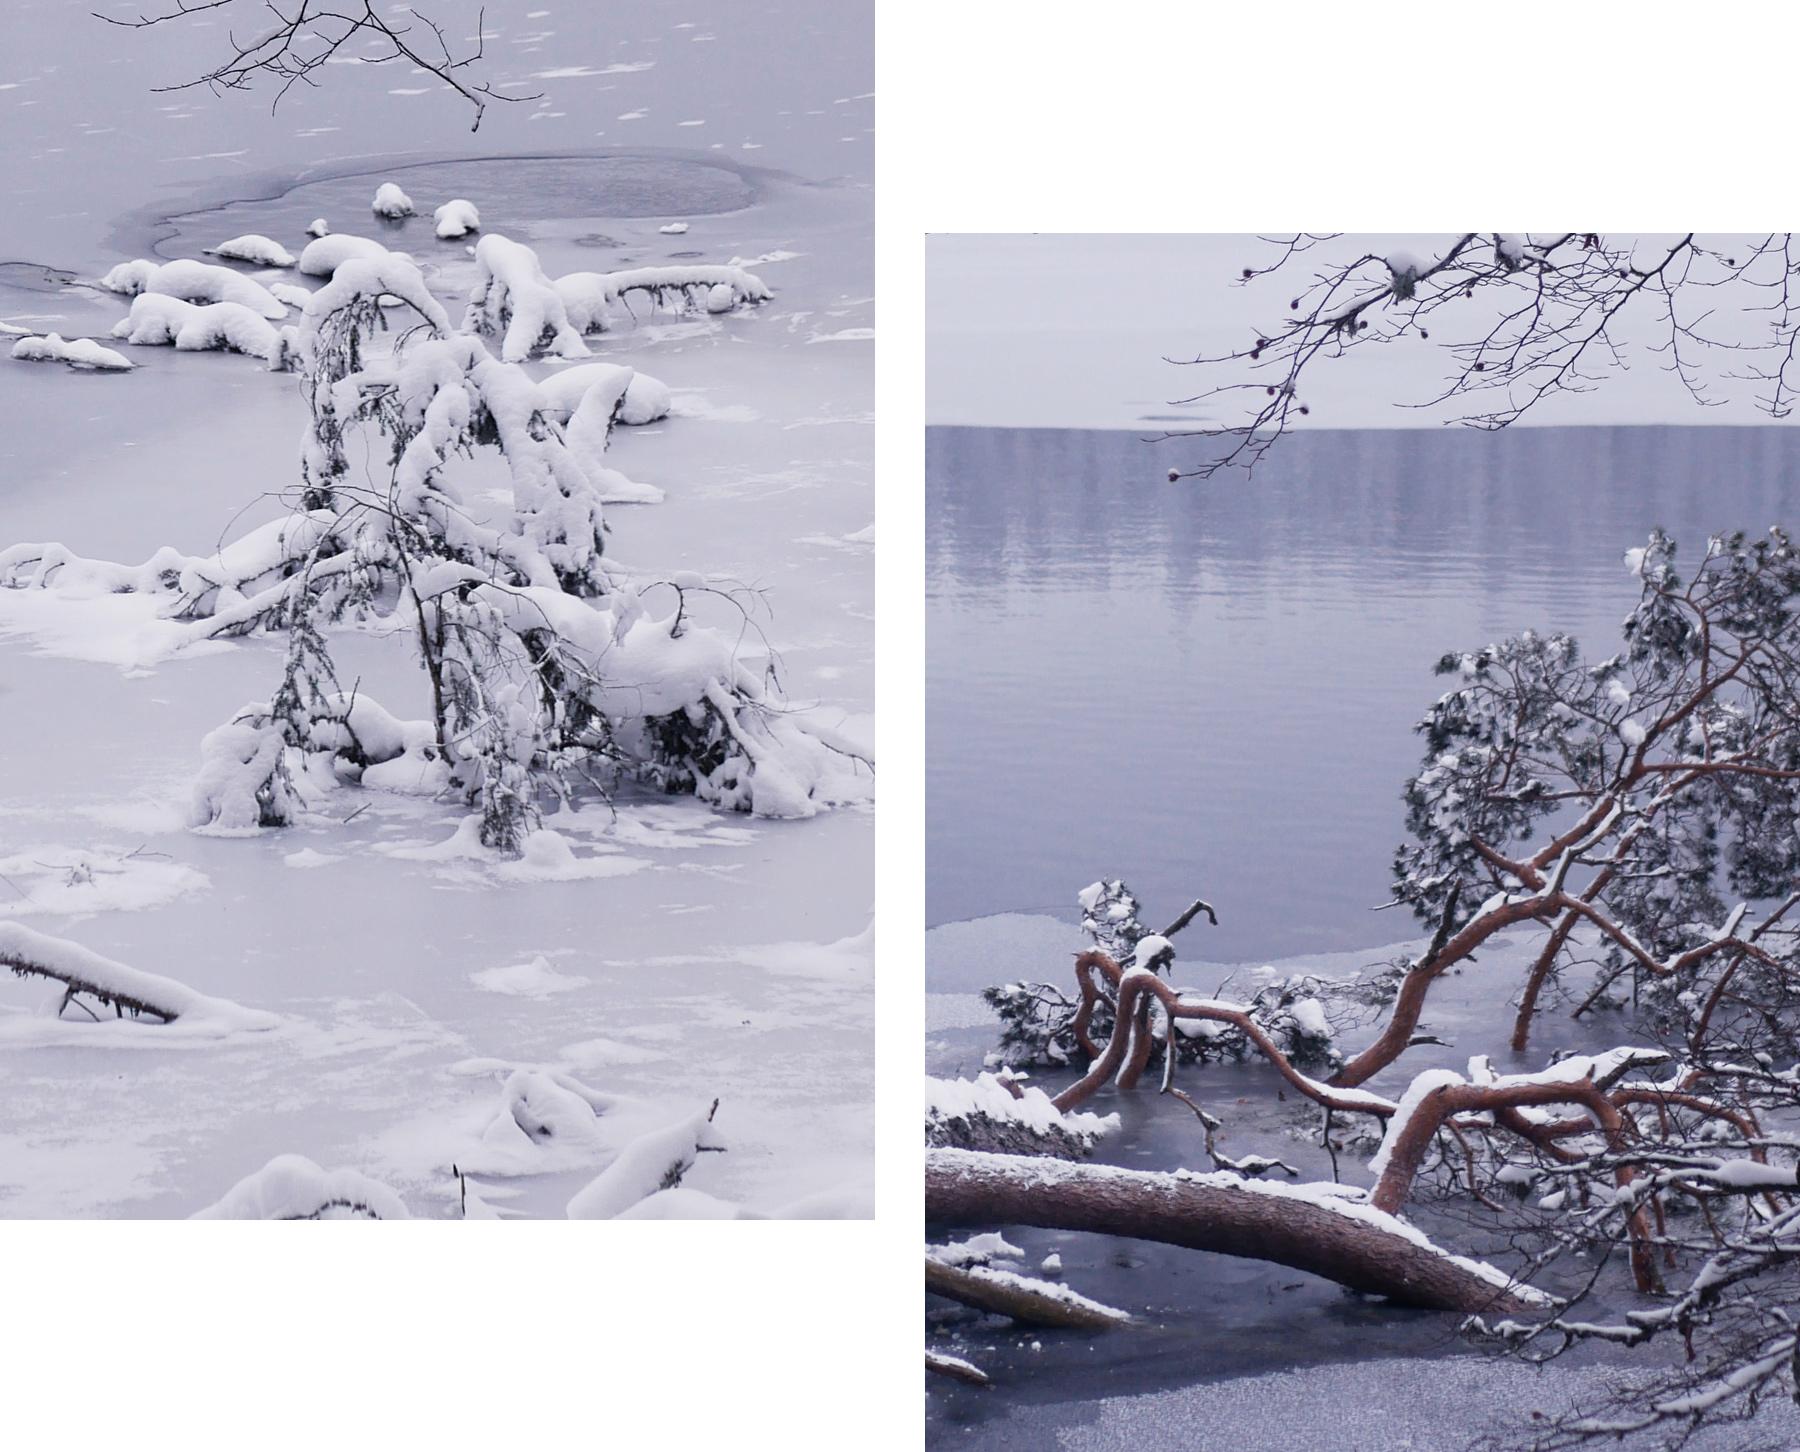 lac pavin sous la neige